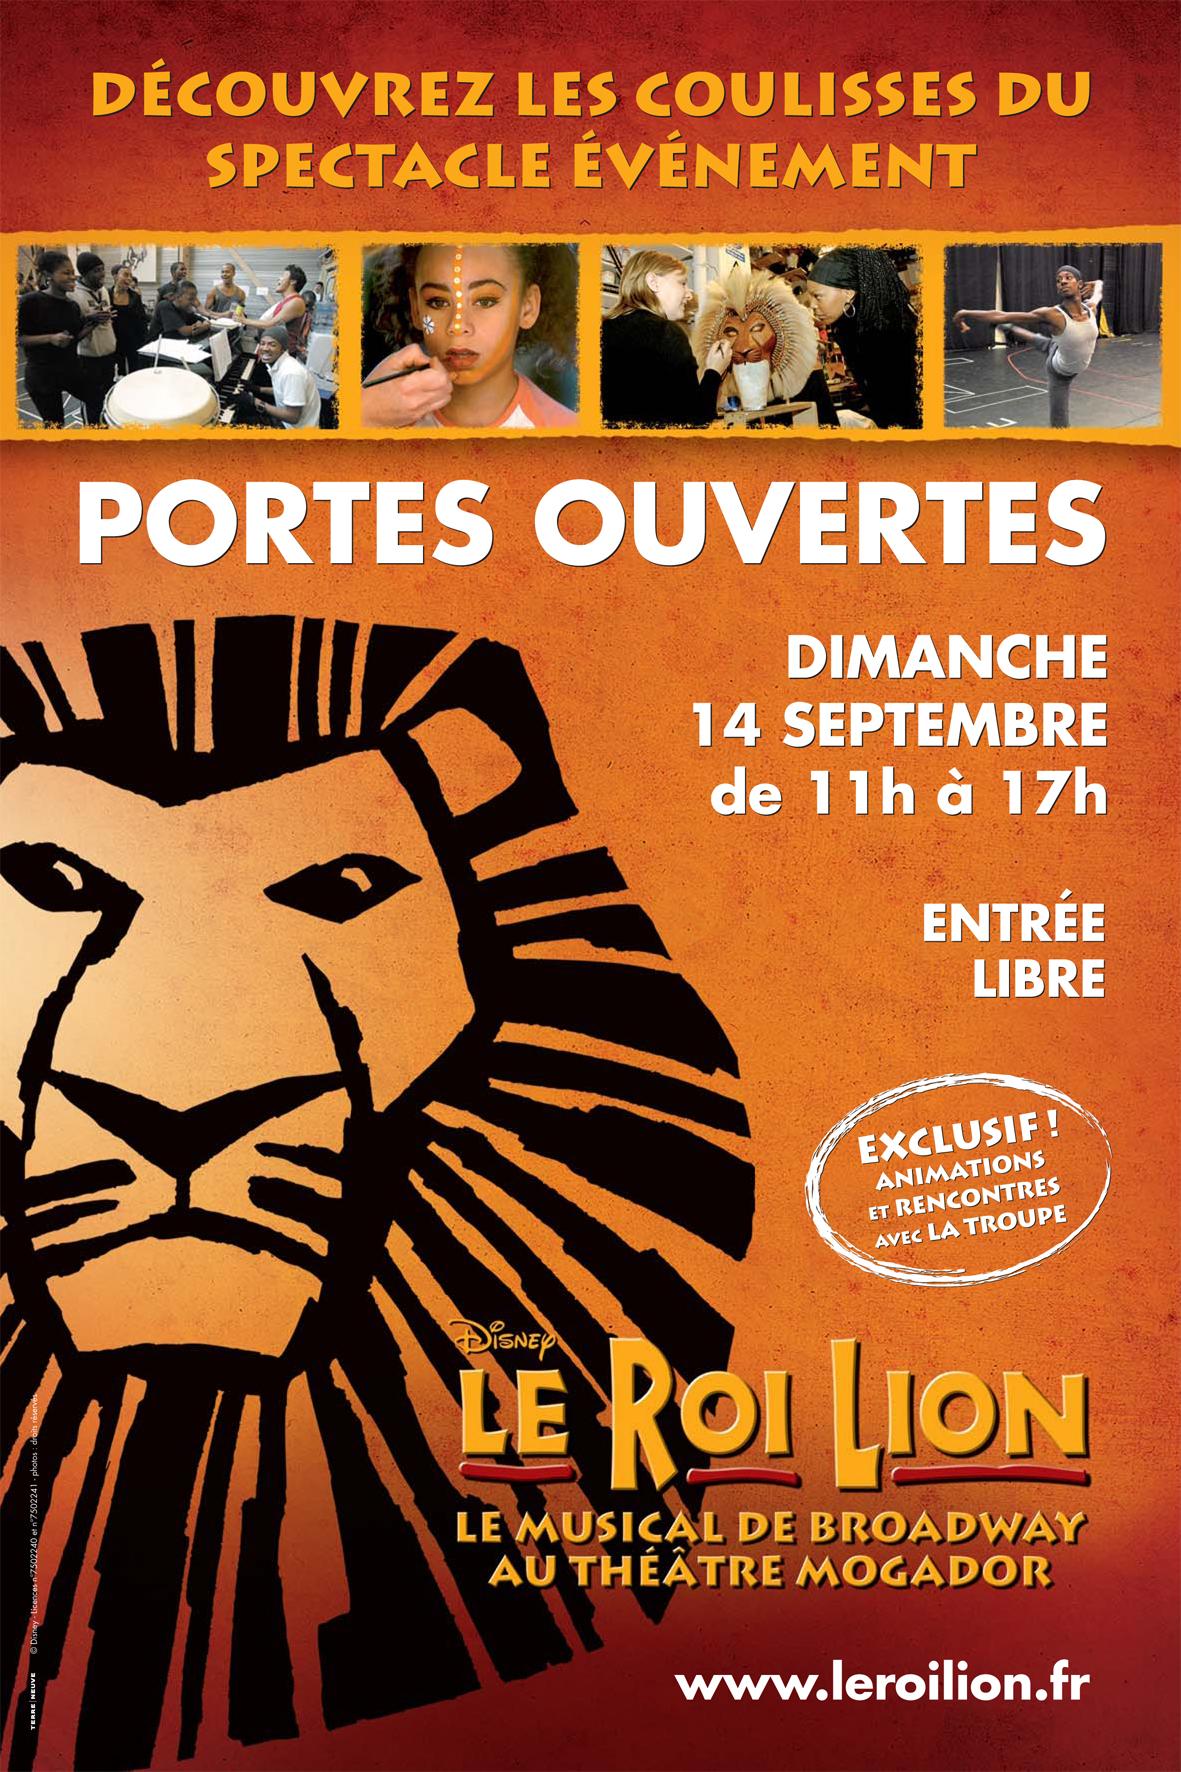 Portes ouvertes le dimanche 14 septembre au théâtre Mogador